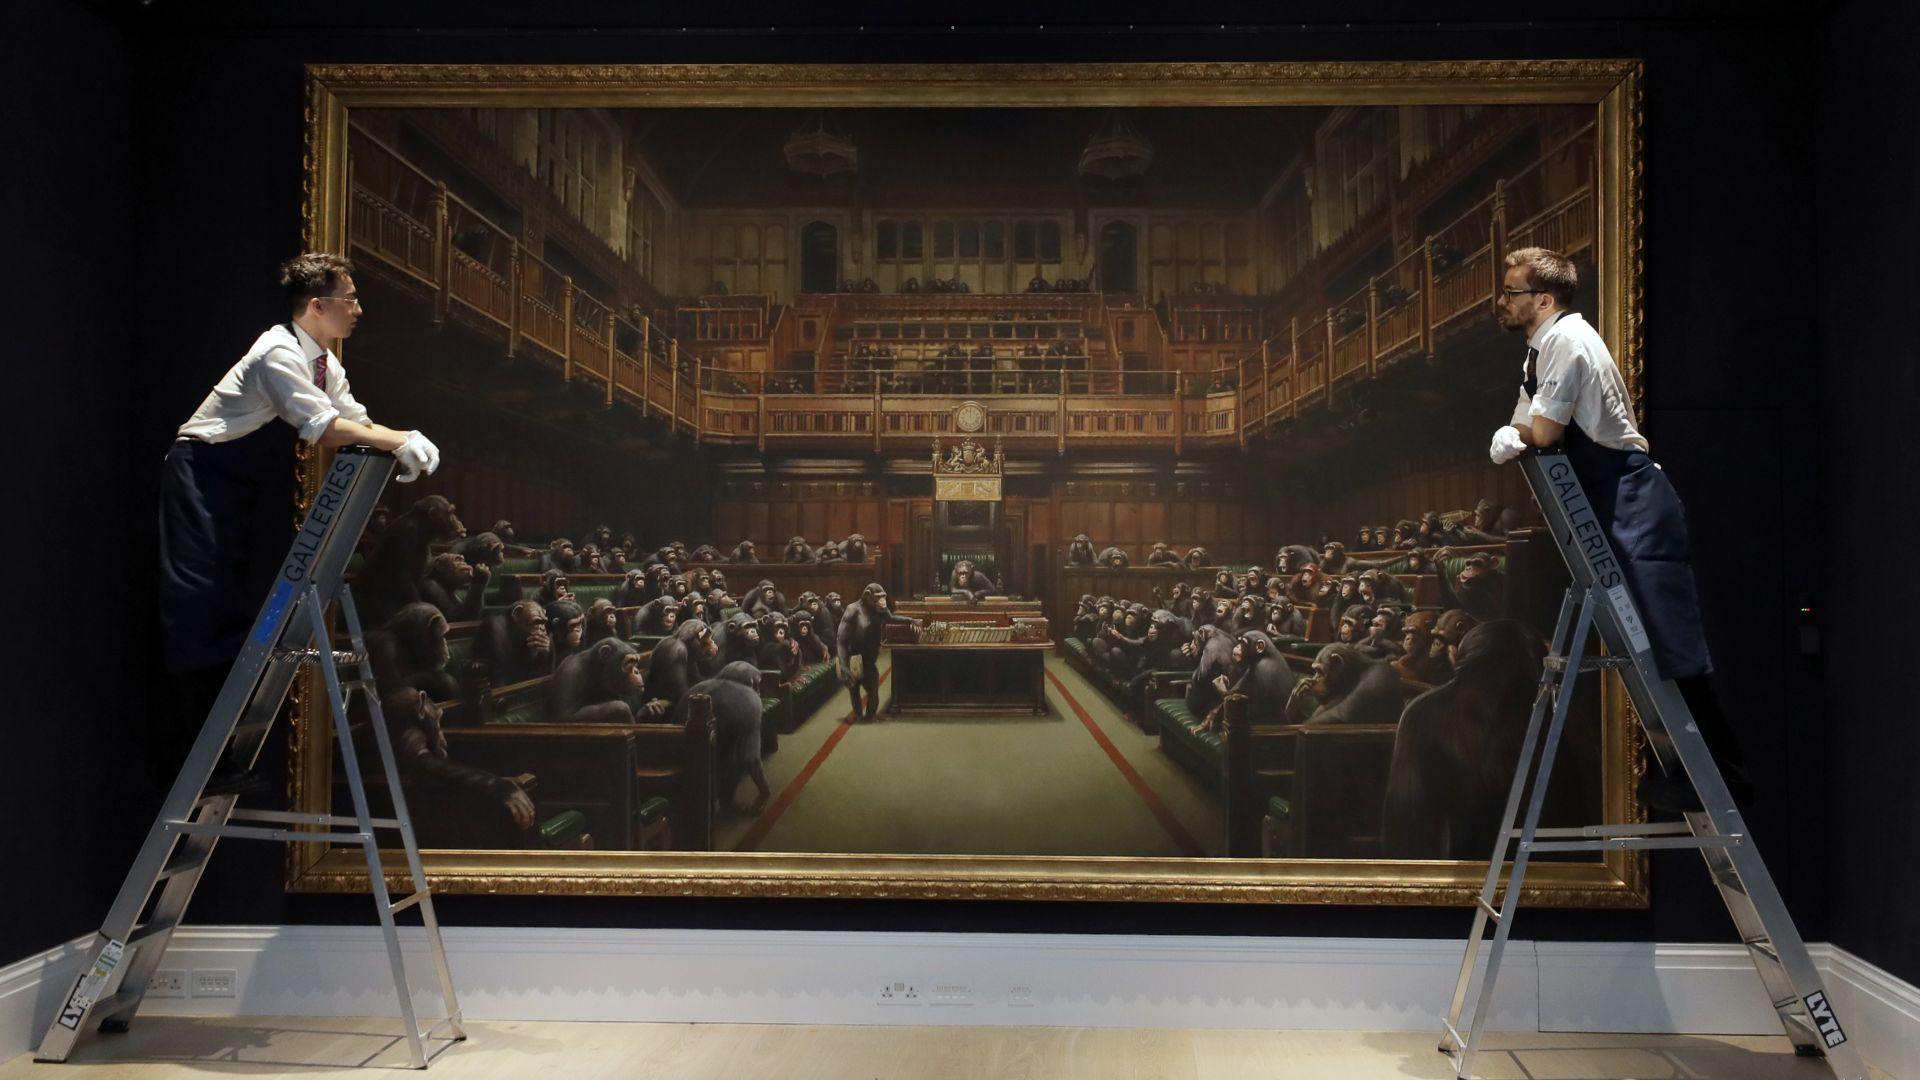 Пускат на търг картина на Банкси с маймуни в британския парламент (снимки)